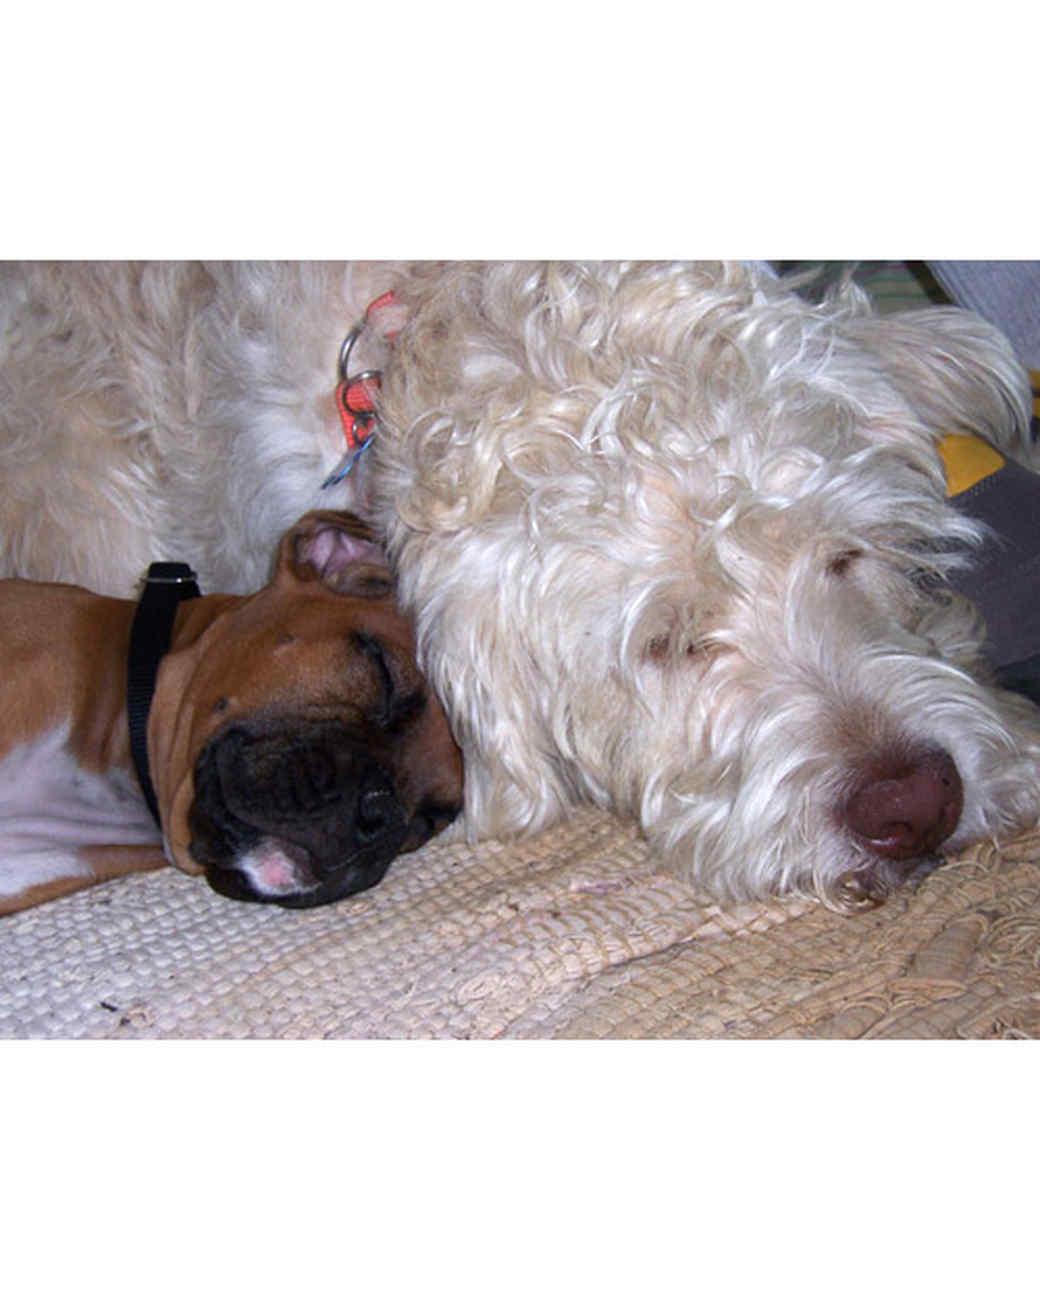 pets_lazy_0909_ori00100882.jpg